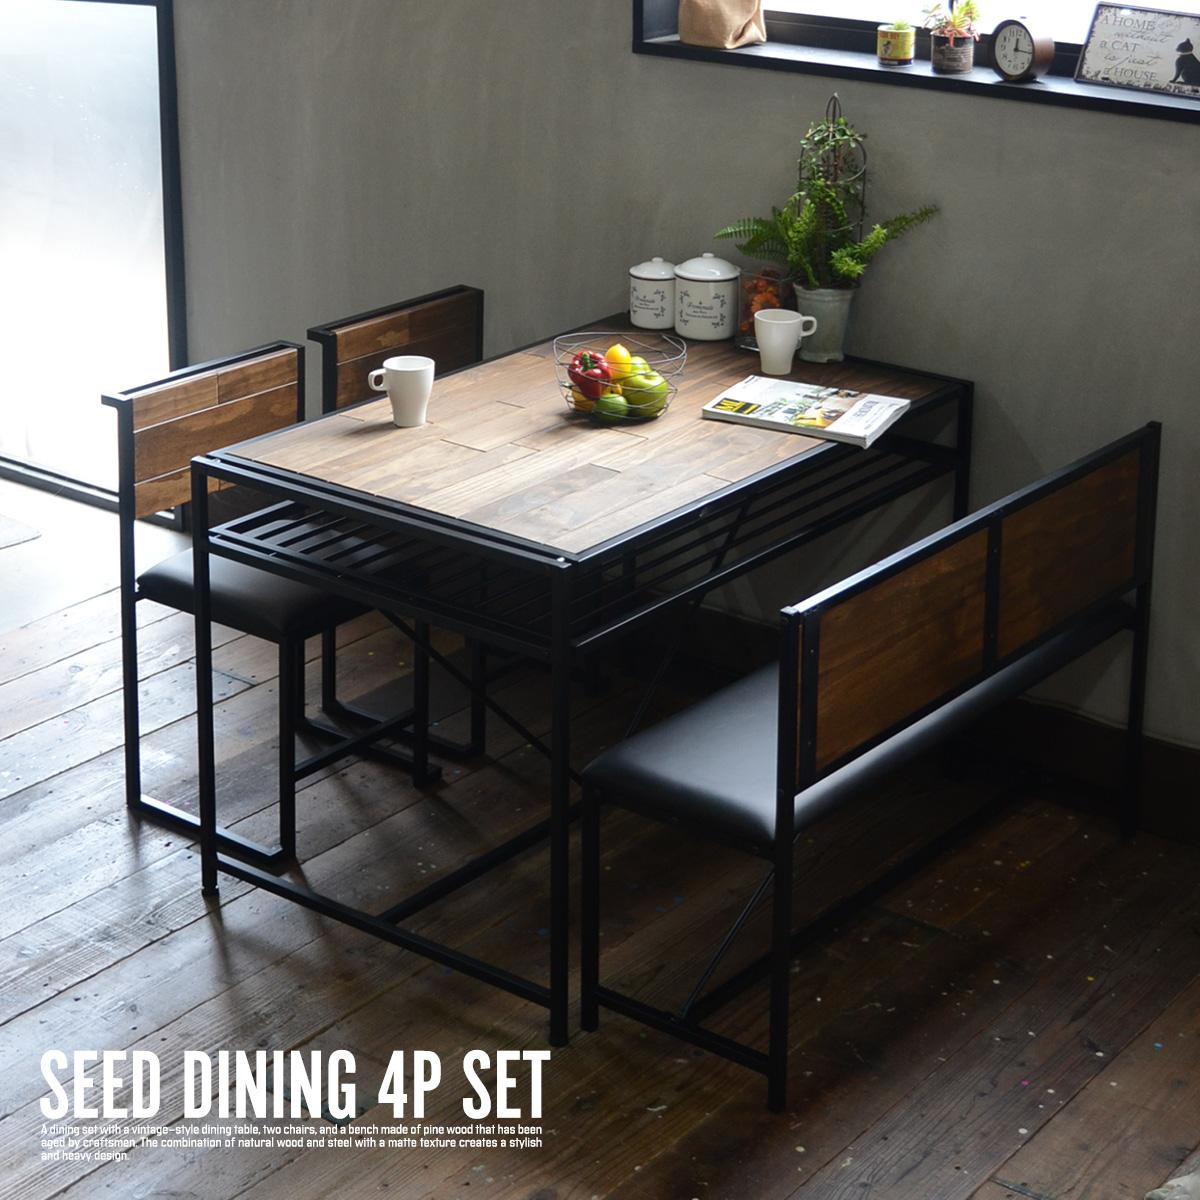 【最大2000円OFFクーポン】ダイニングセット ダイニングテーブル 4点セット SEED シード ダイニングテーブルセット 幅120 シンプル おしゃれ アイアン 男前 ブルックリン 北欧